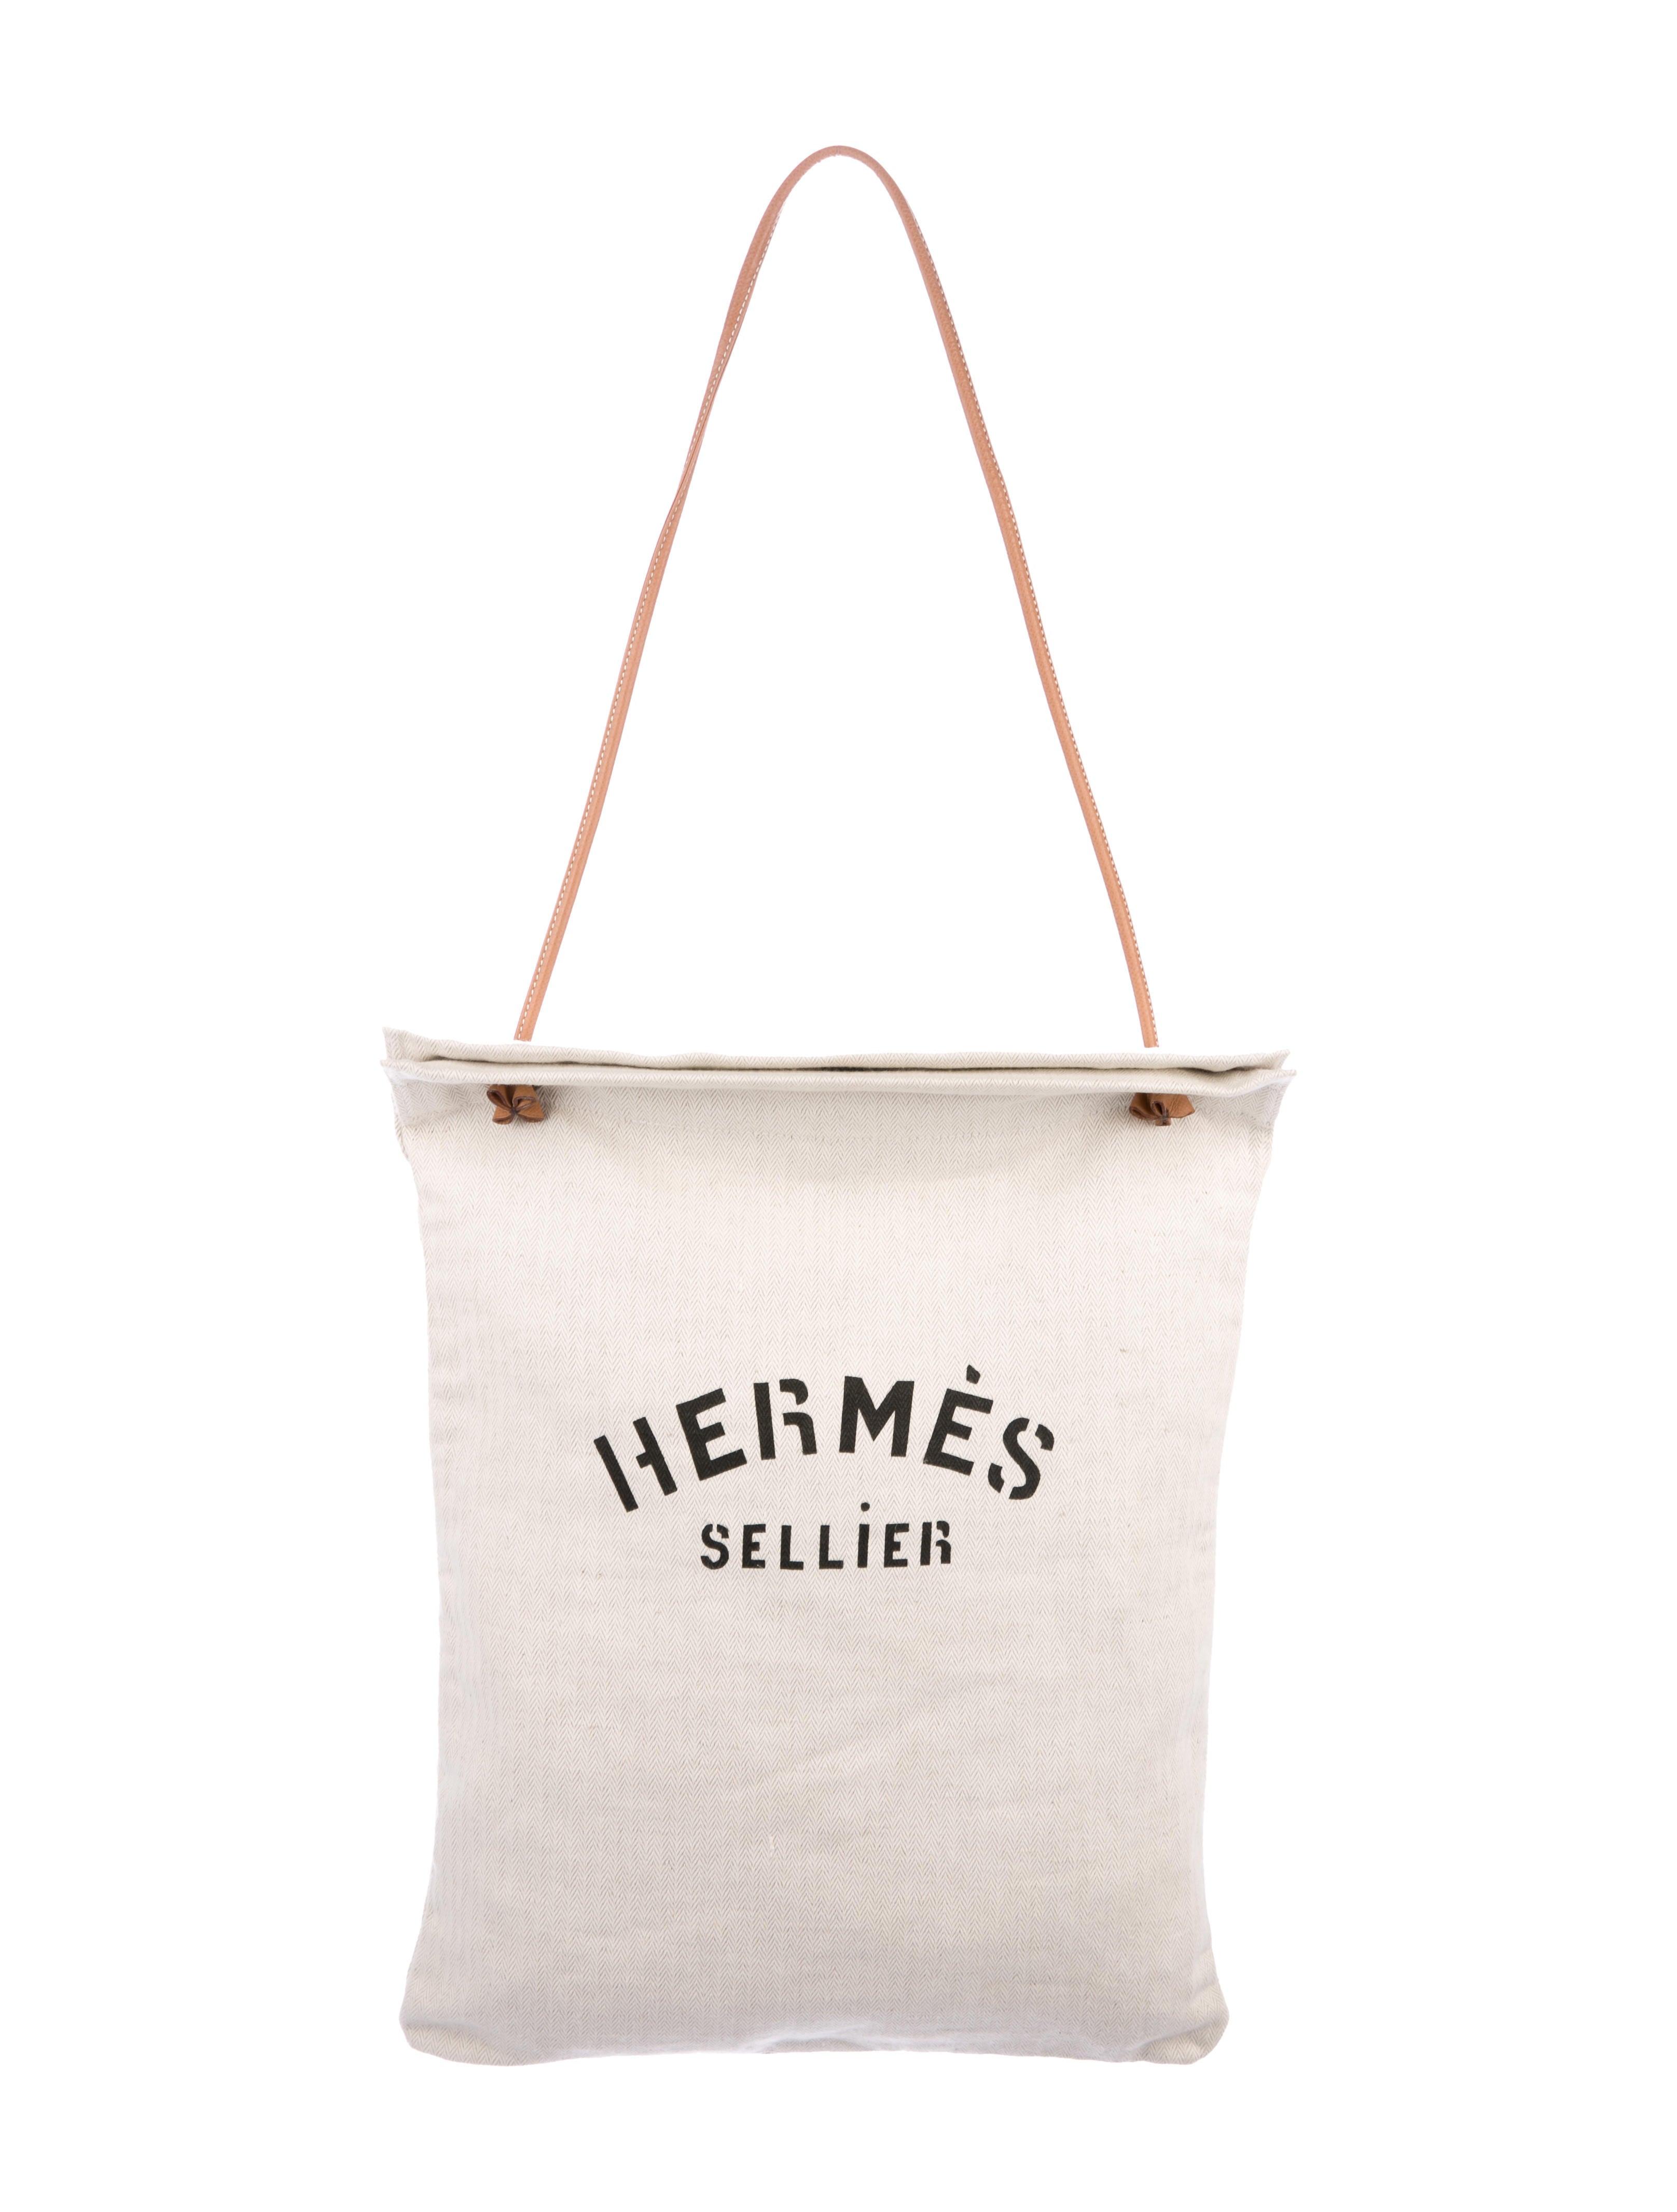 c336fb0557c6 Hermès Aline Grooming Bag - Handbags - HER129301